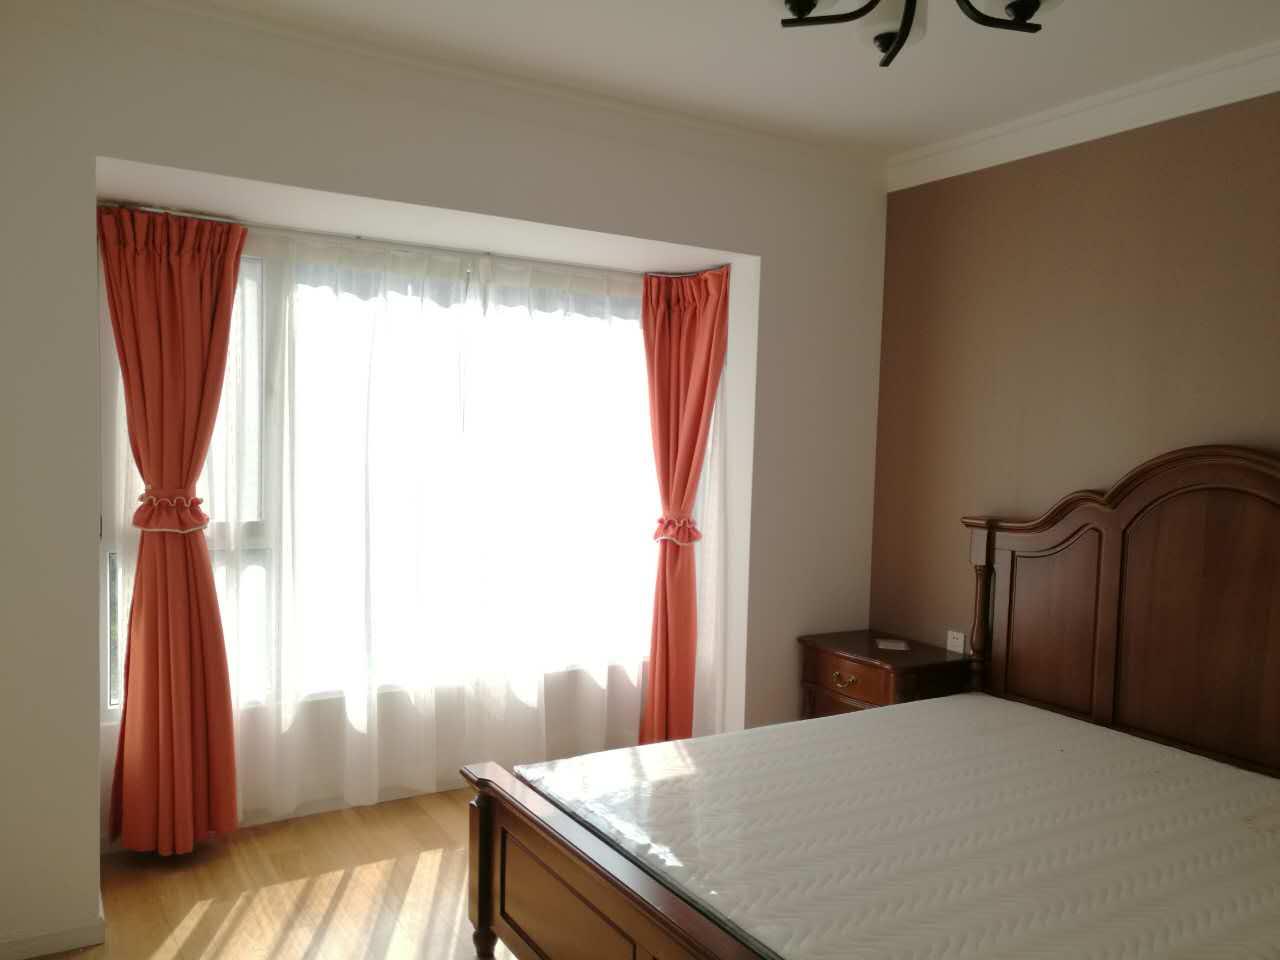 中性色调赋予卧室适度的安逸感觉,搭配橘红色窗帘,既满足功能性也能轻松拥有春意盎然的迷人景象。